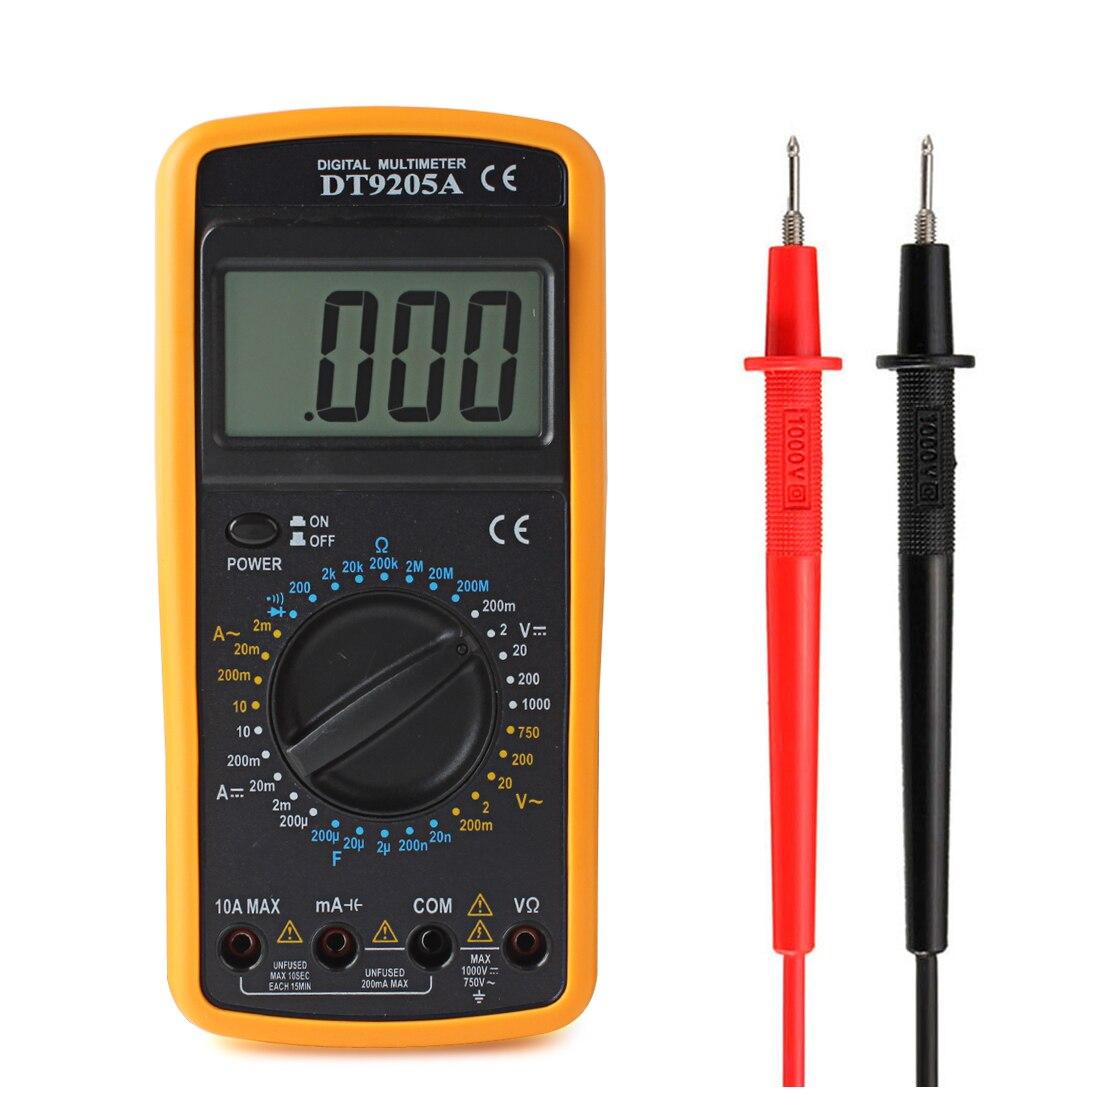 DT9205A LCD Digital Multimeter AC/DC Voltmeter Ohmmeter Ammeter Capacitance Tester Measuring Tool dt9205a lcd display multi fuction digital multimeter tester ac dc black